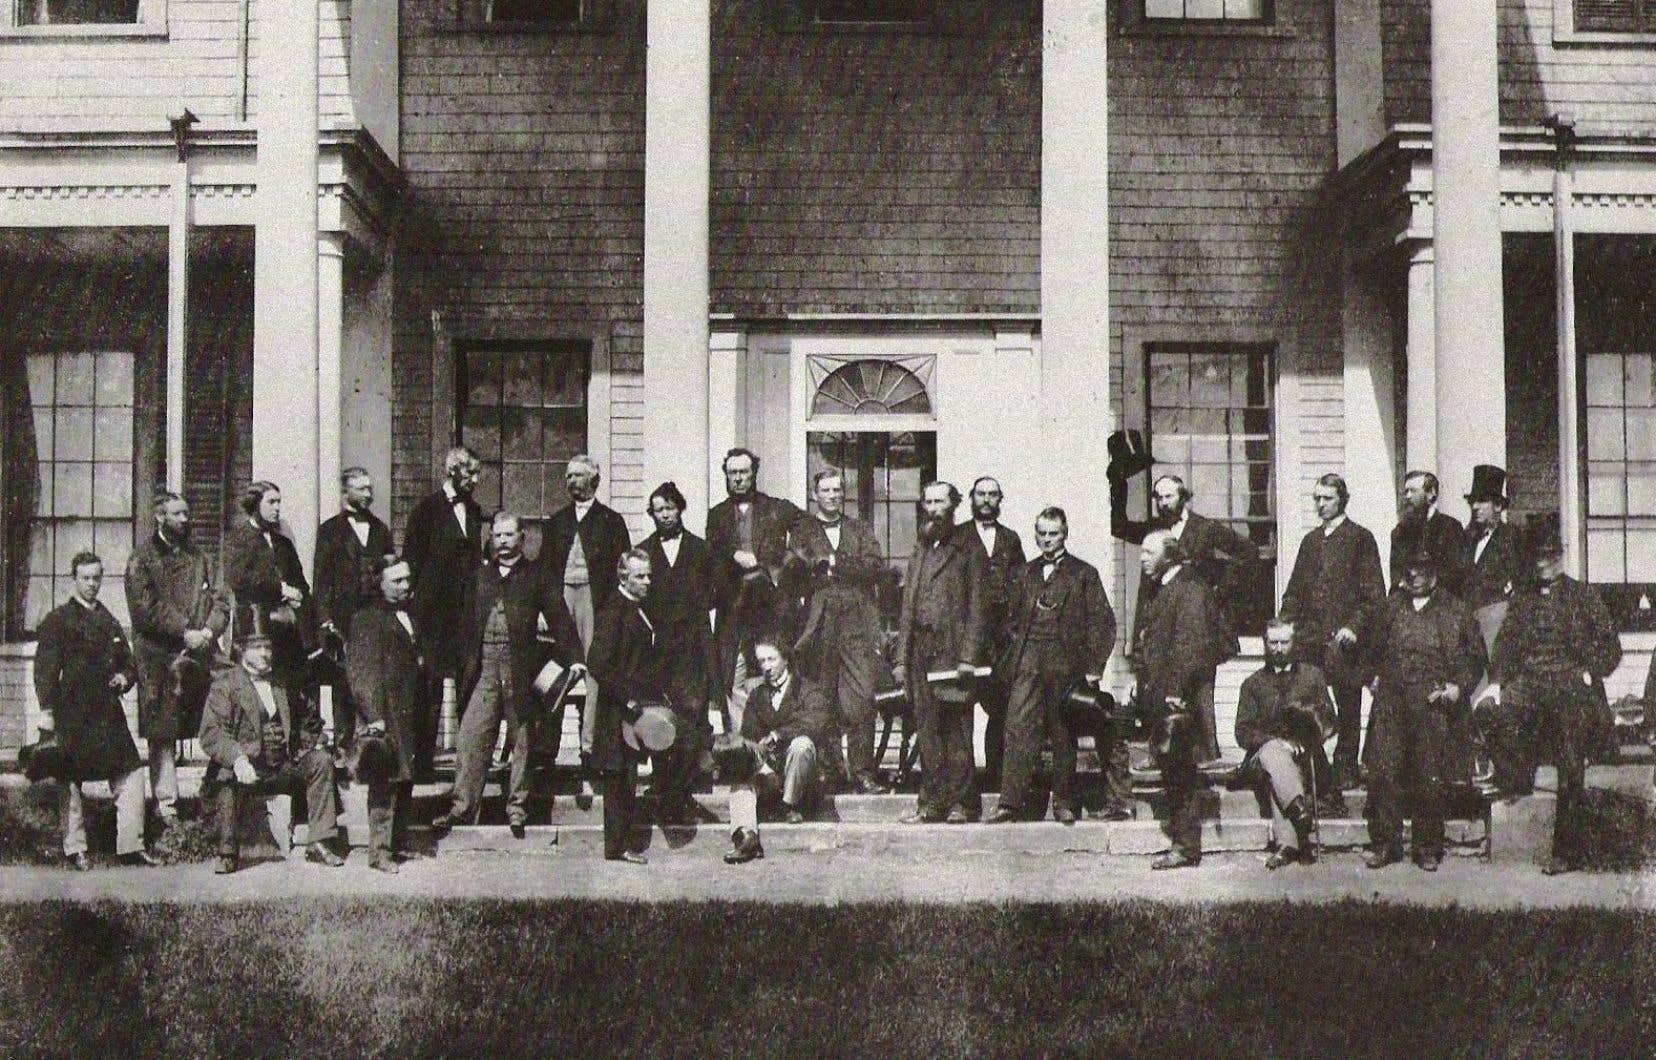 Ce sont les conférences de Charlottetown (sur la photo) et de Québec de 1864 et celle de Londres de 1866 qui ont permis au Canada de voir le jour, estime l'auteur.